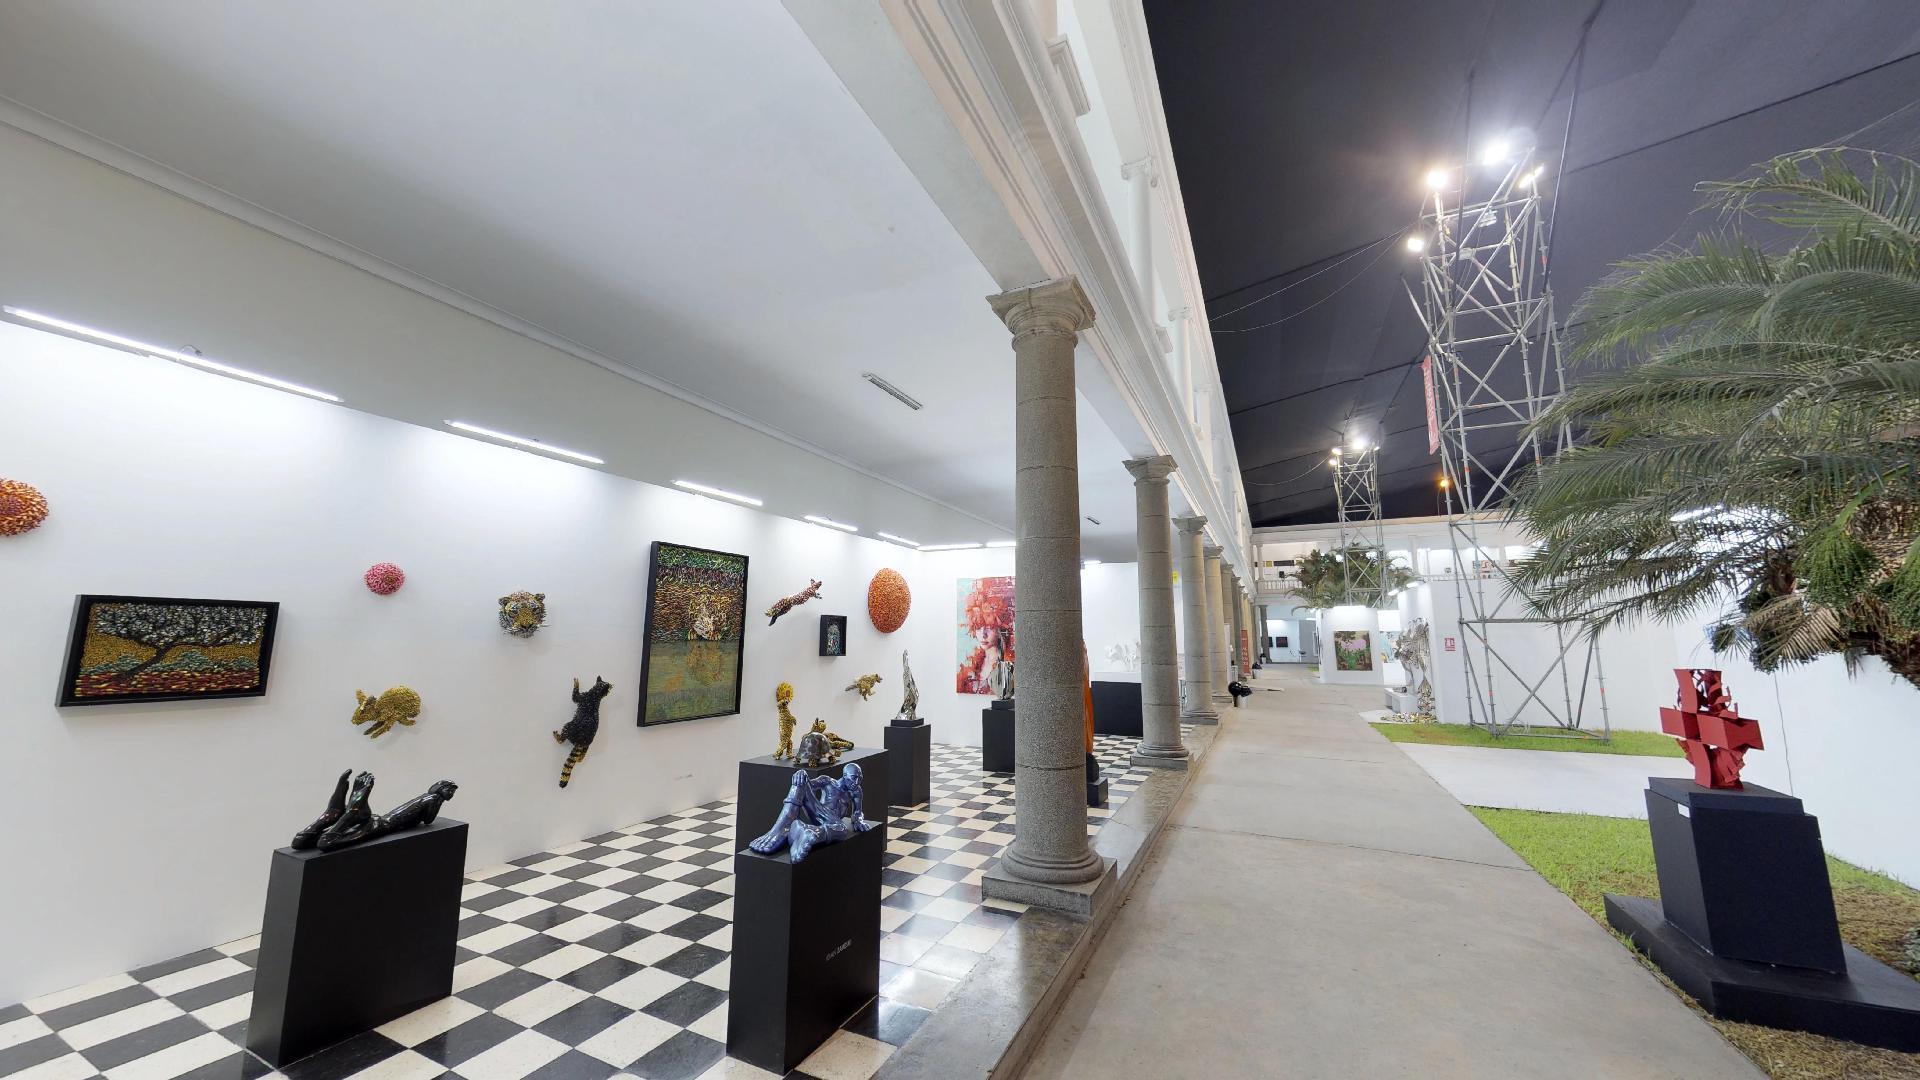 Entrada del recorrido virtual de la feria Art Lima en Barranco Lima Perú 2018